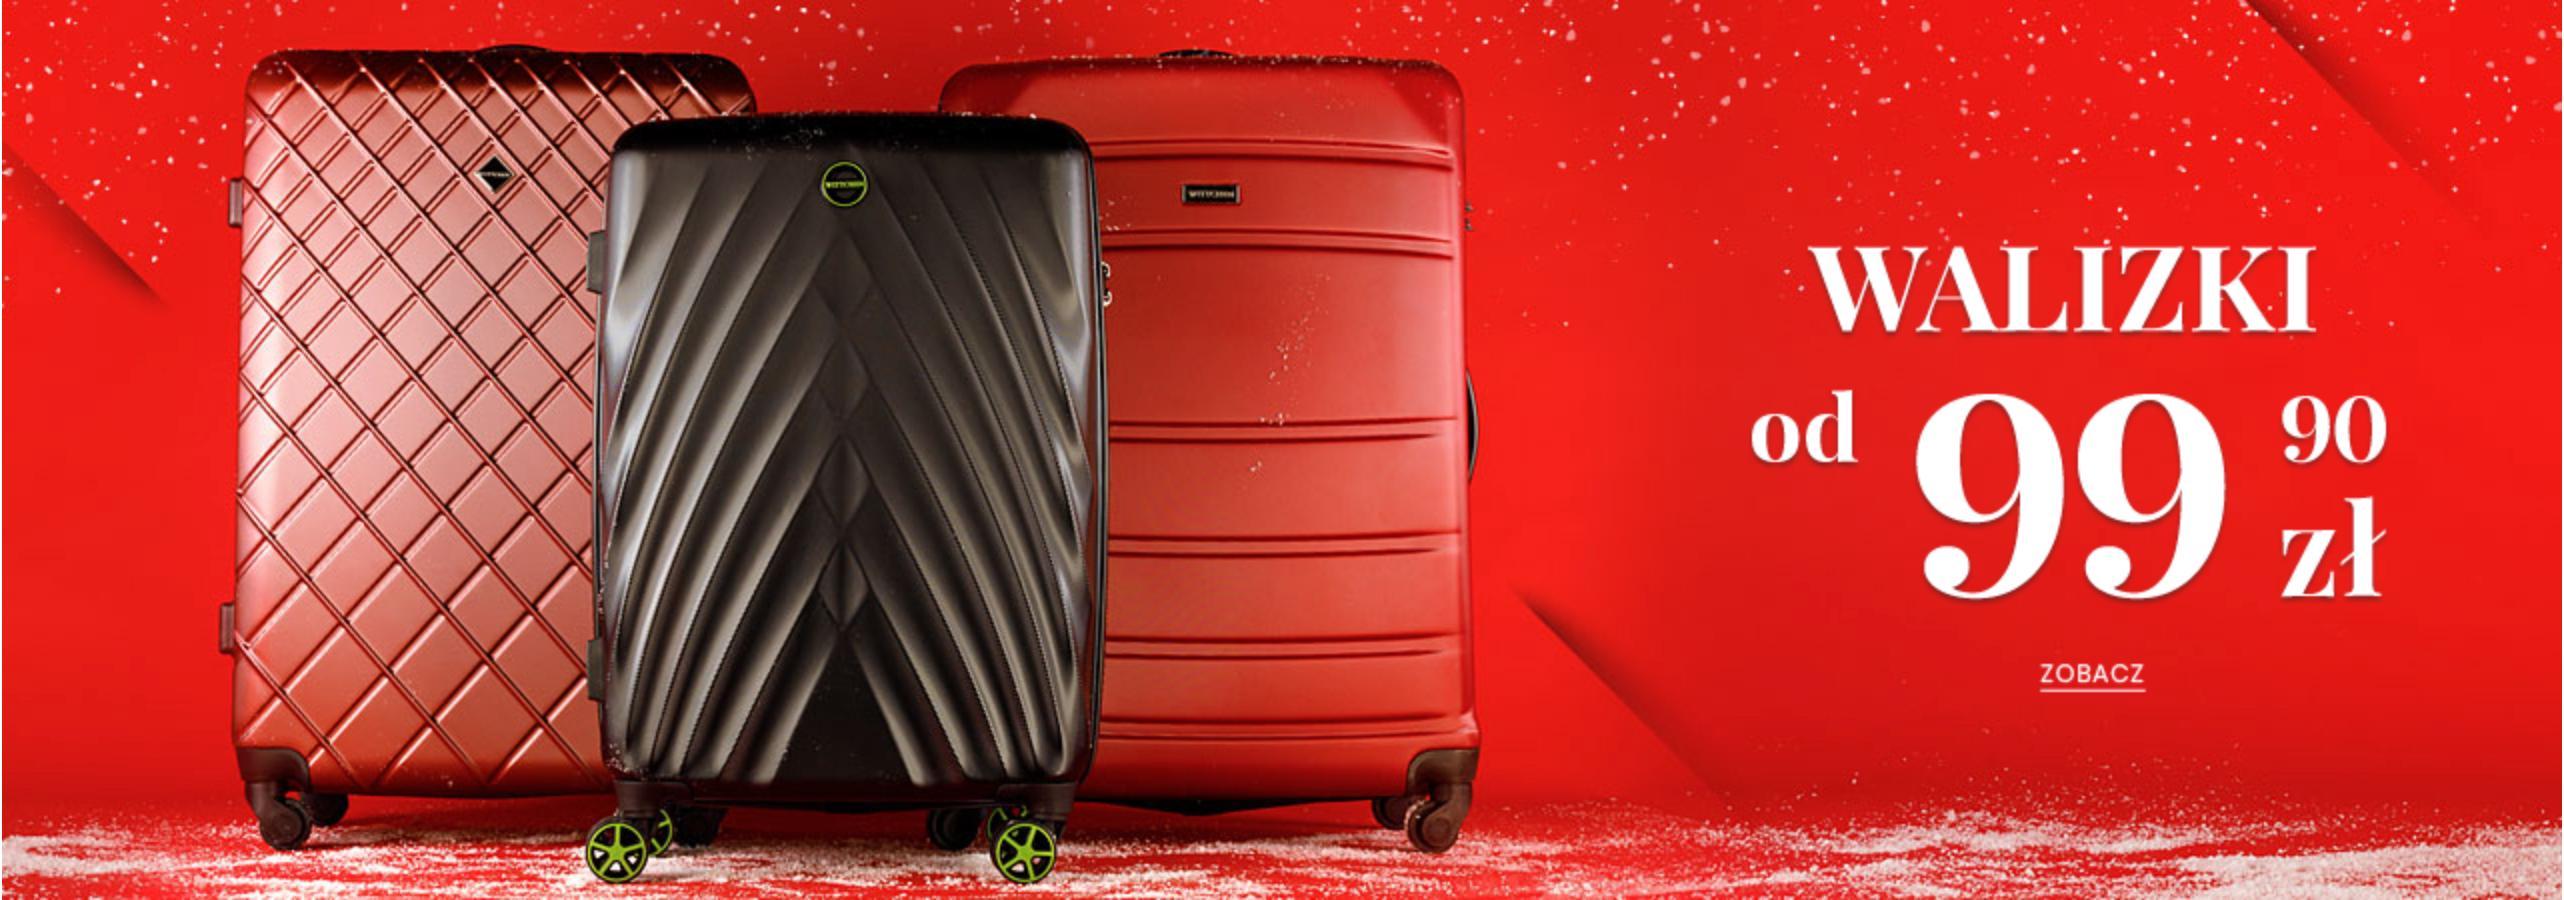 Wittchen: walizki podróżne od 99,99 zł